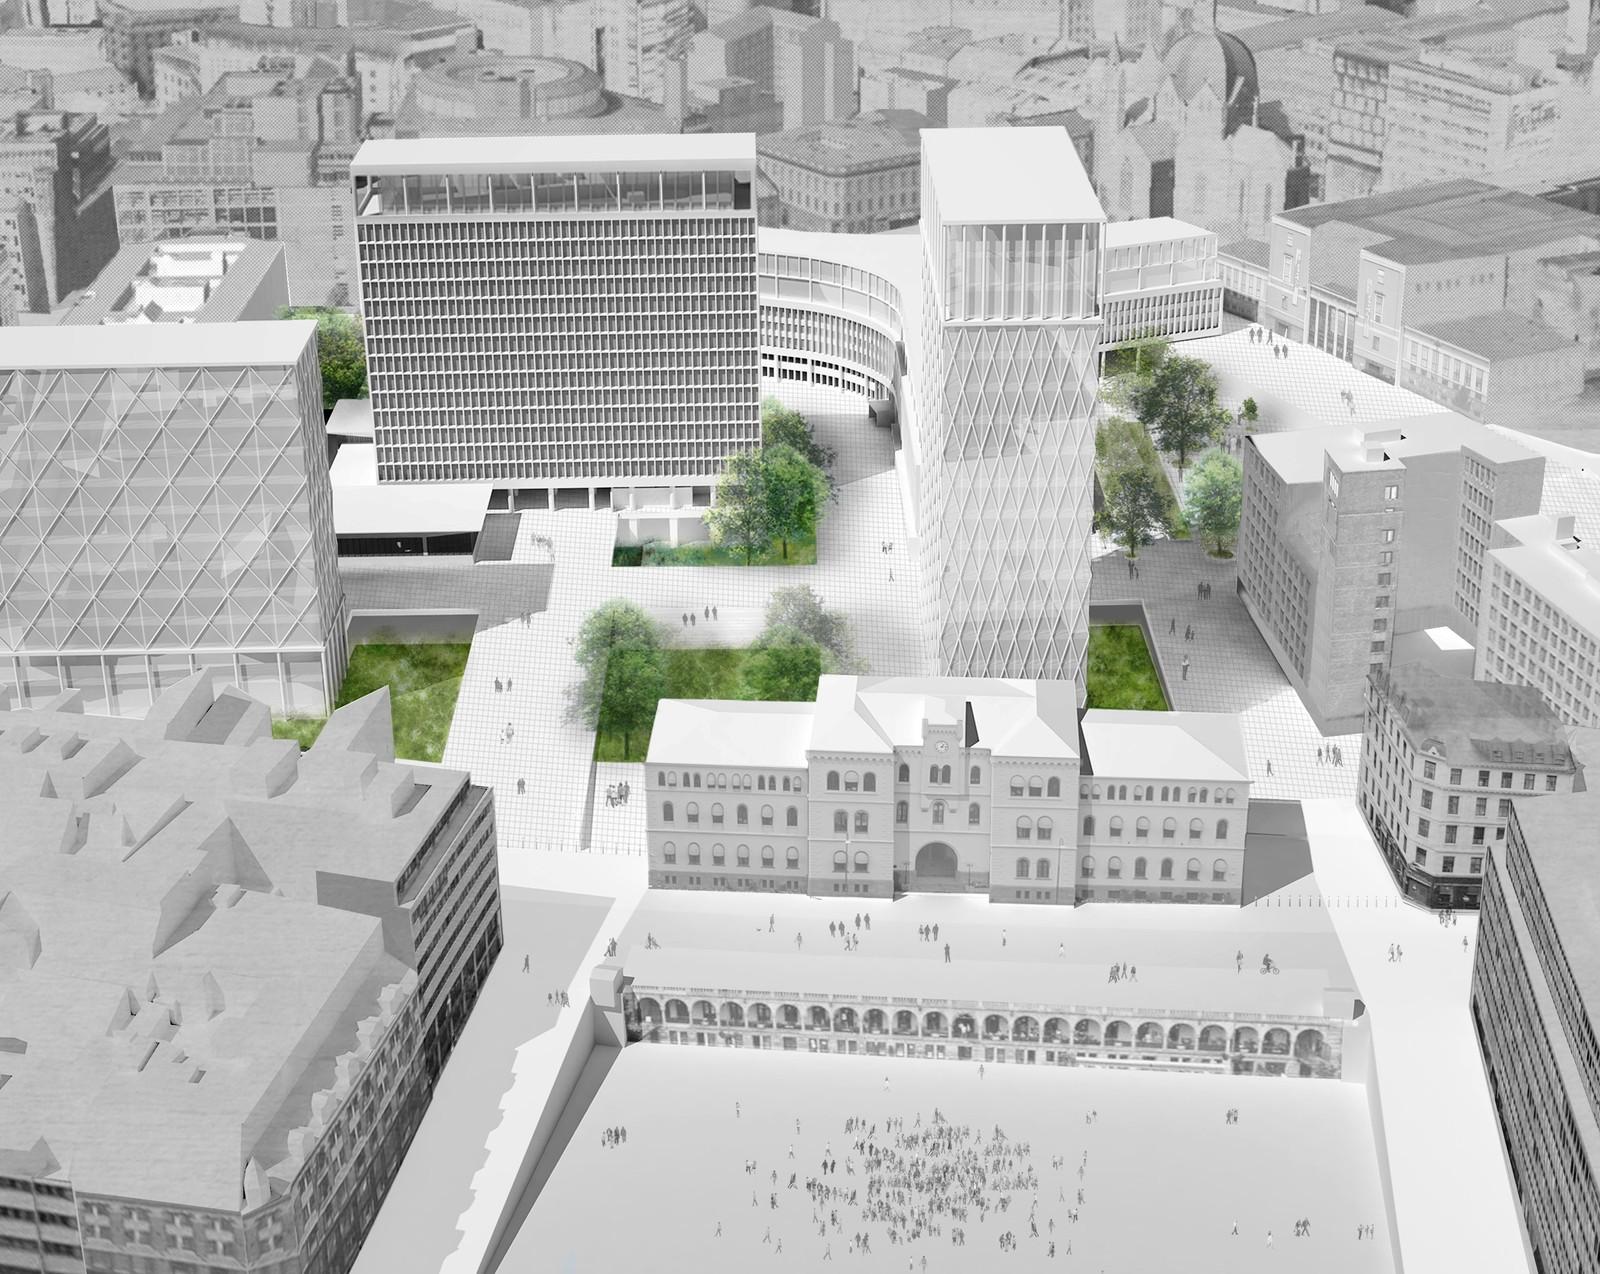 NUMMER 7 - STUDENTENE: Studenter ved Arkitekthøgskolen i Oslo (AHO) har også fått levere sitt forslag. De vil gi dagens såkalte høyblokk selskap av høyere blokker i lignende stil, men bevarer byrommet åpent.